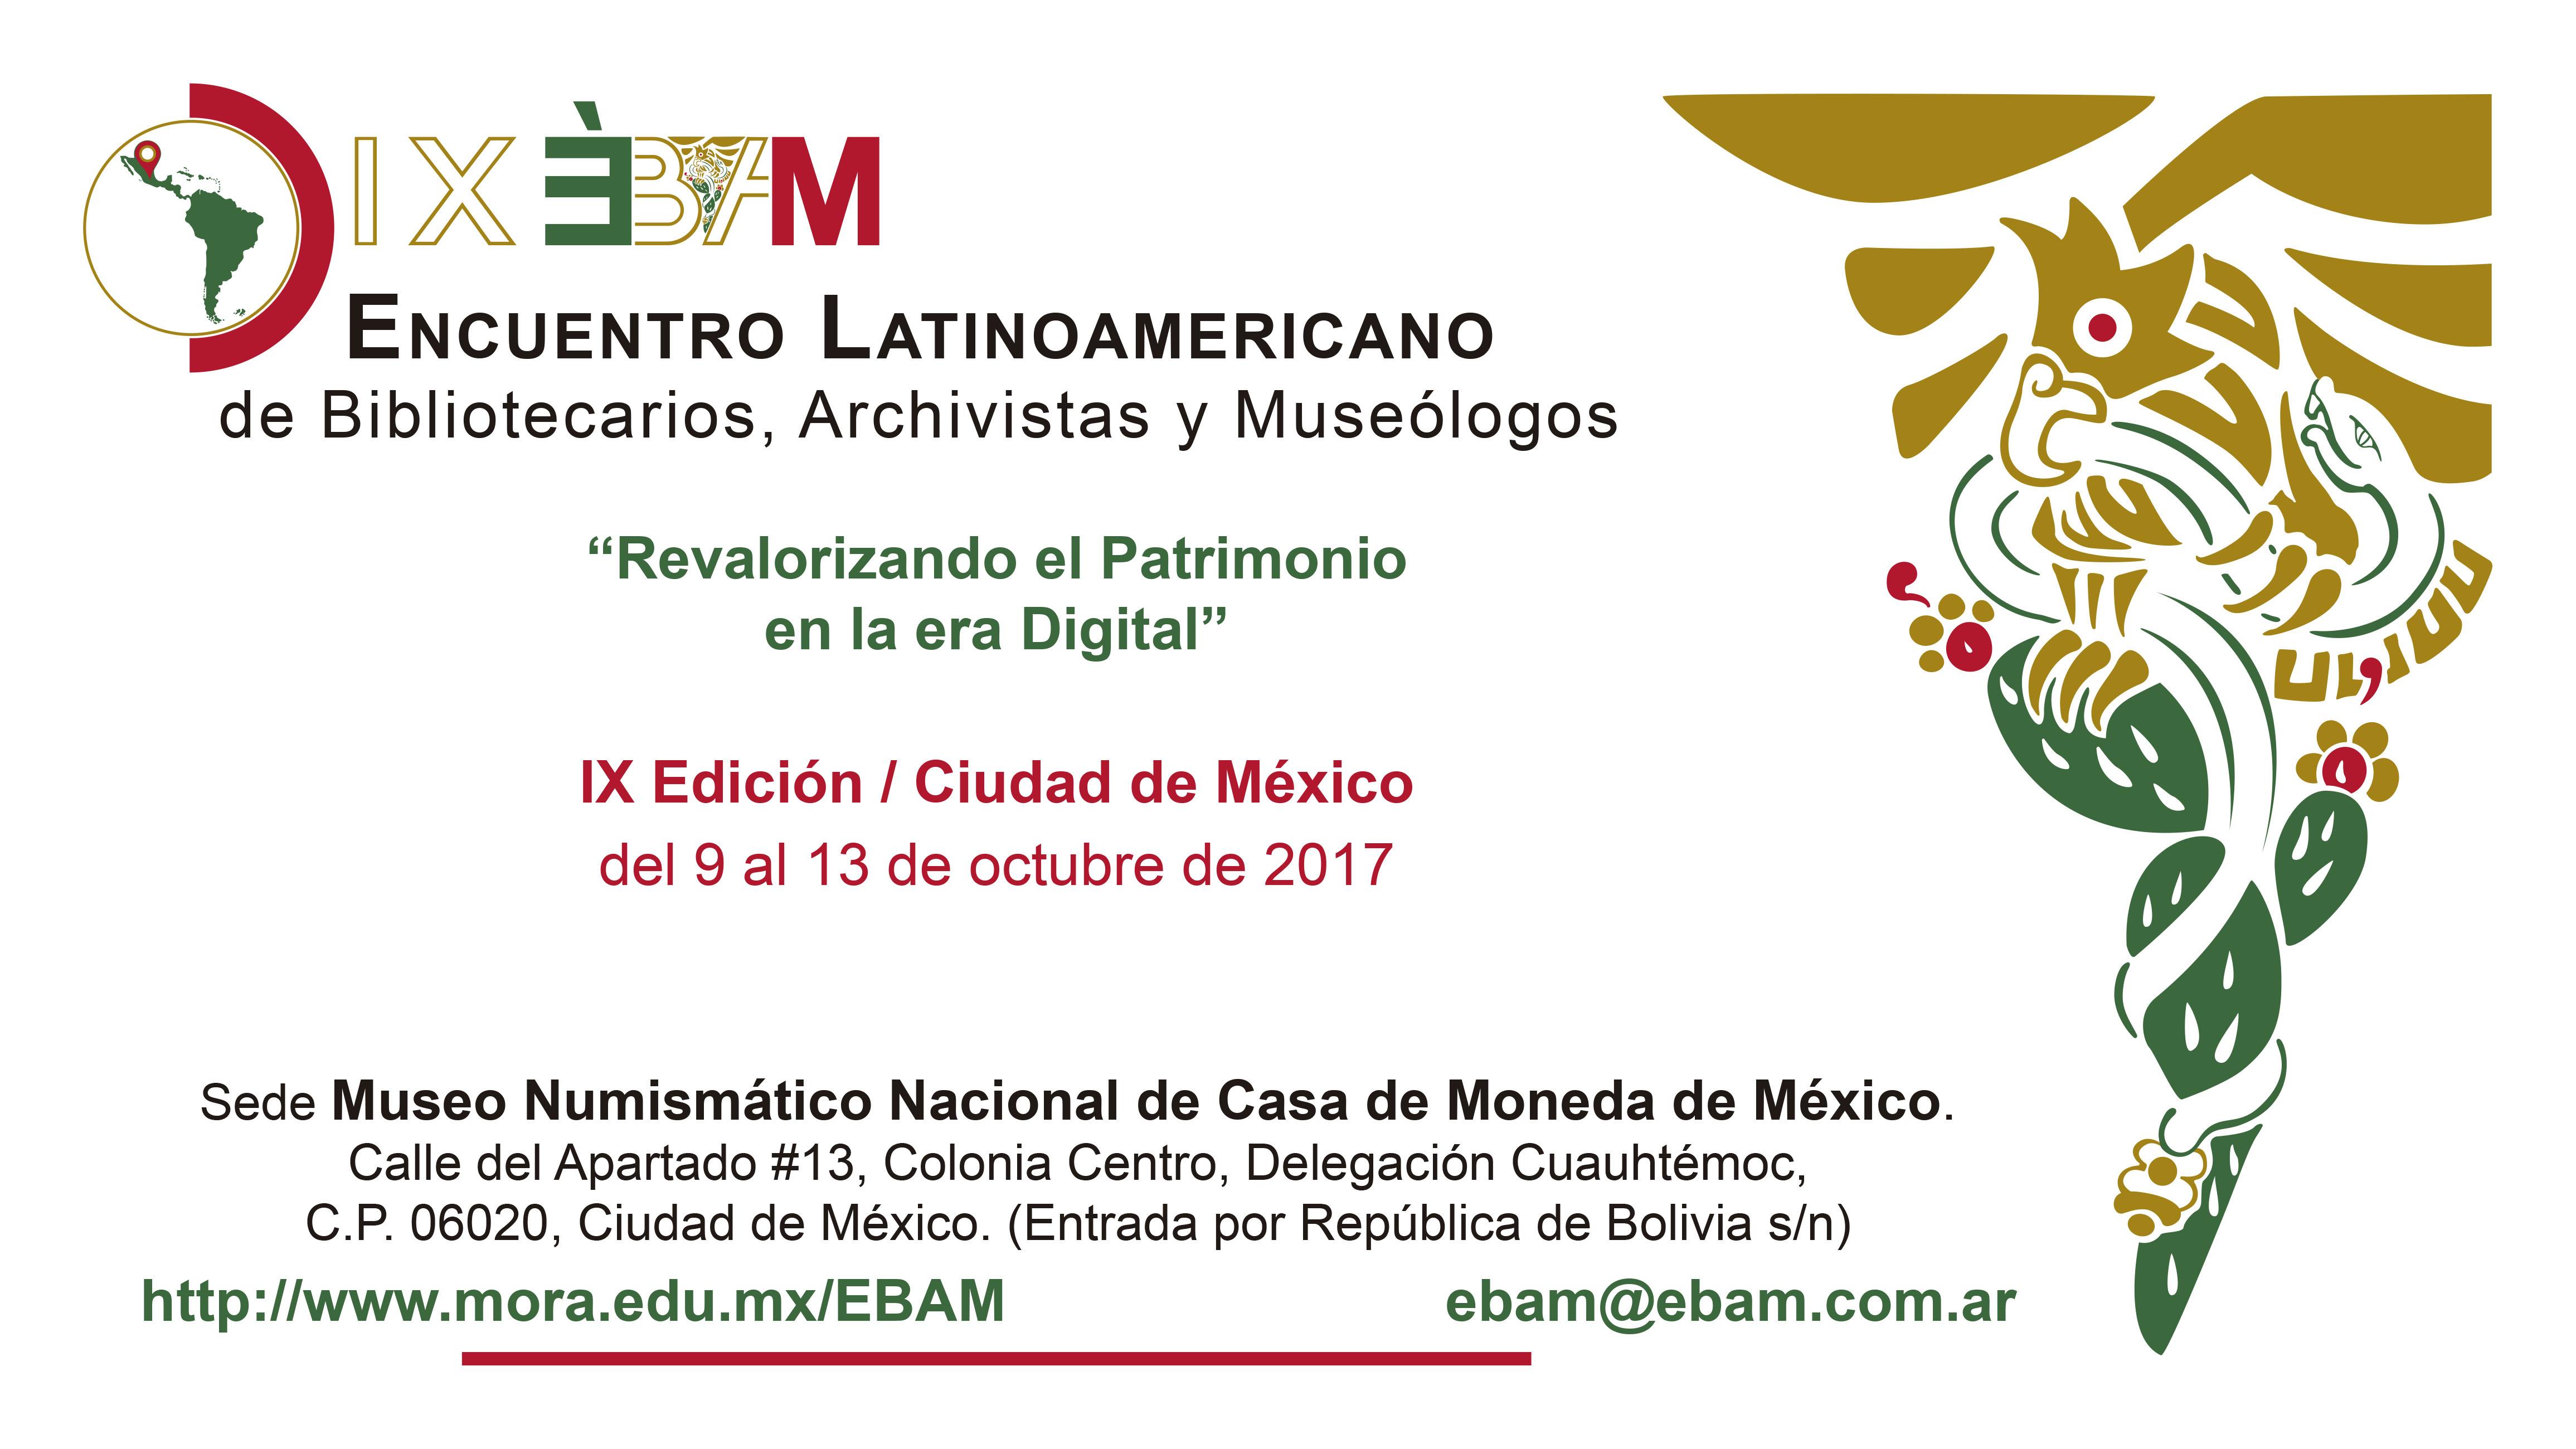 Cartel del IX Encuentro Latinoamericano de Bibliotecarios, Archivistas y Museológos